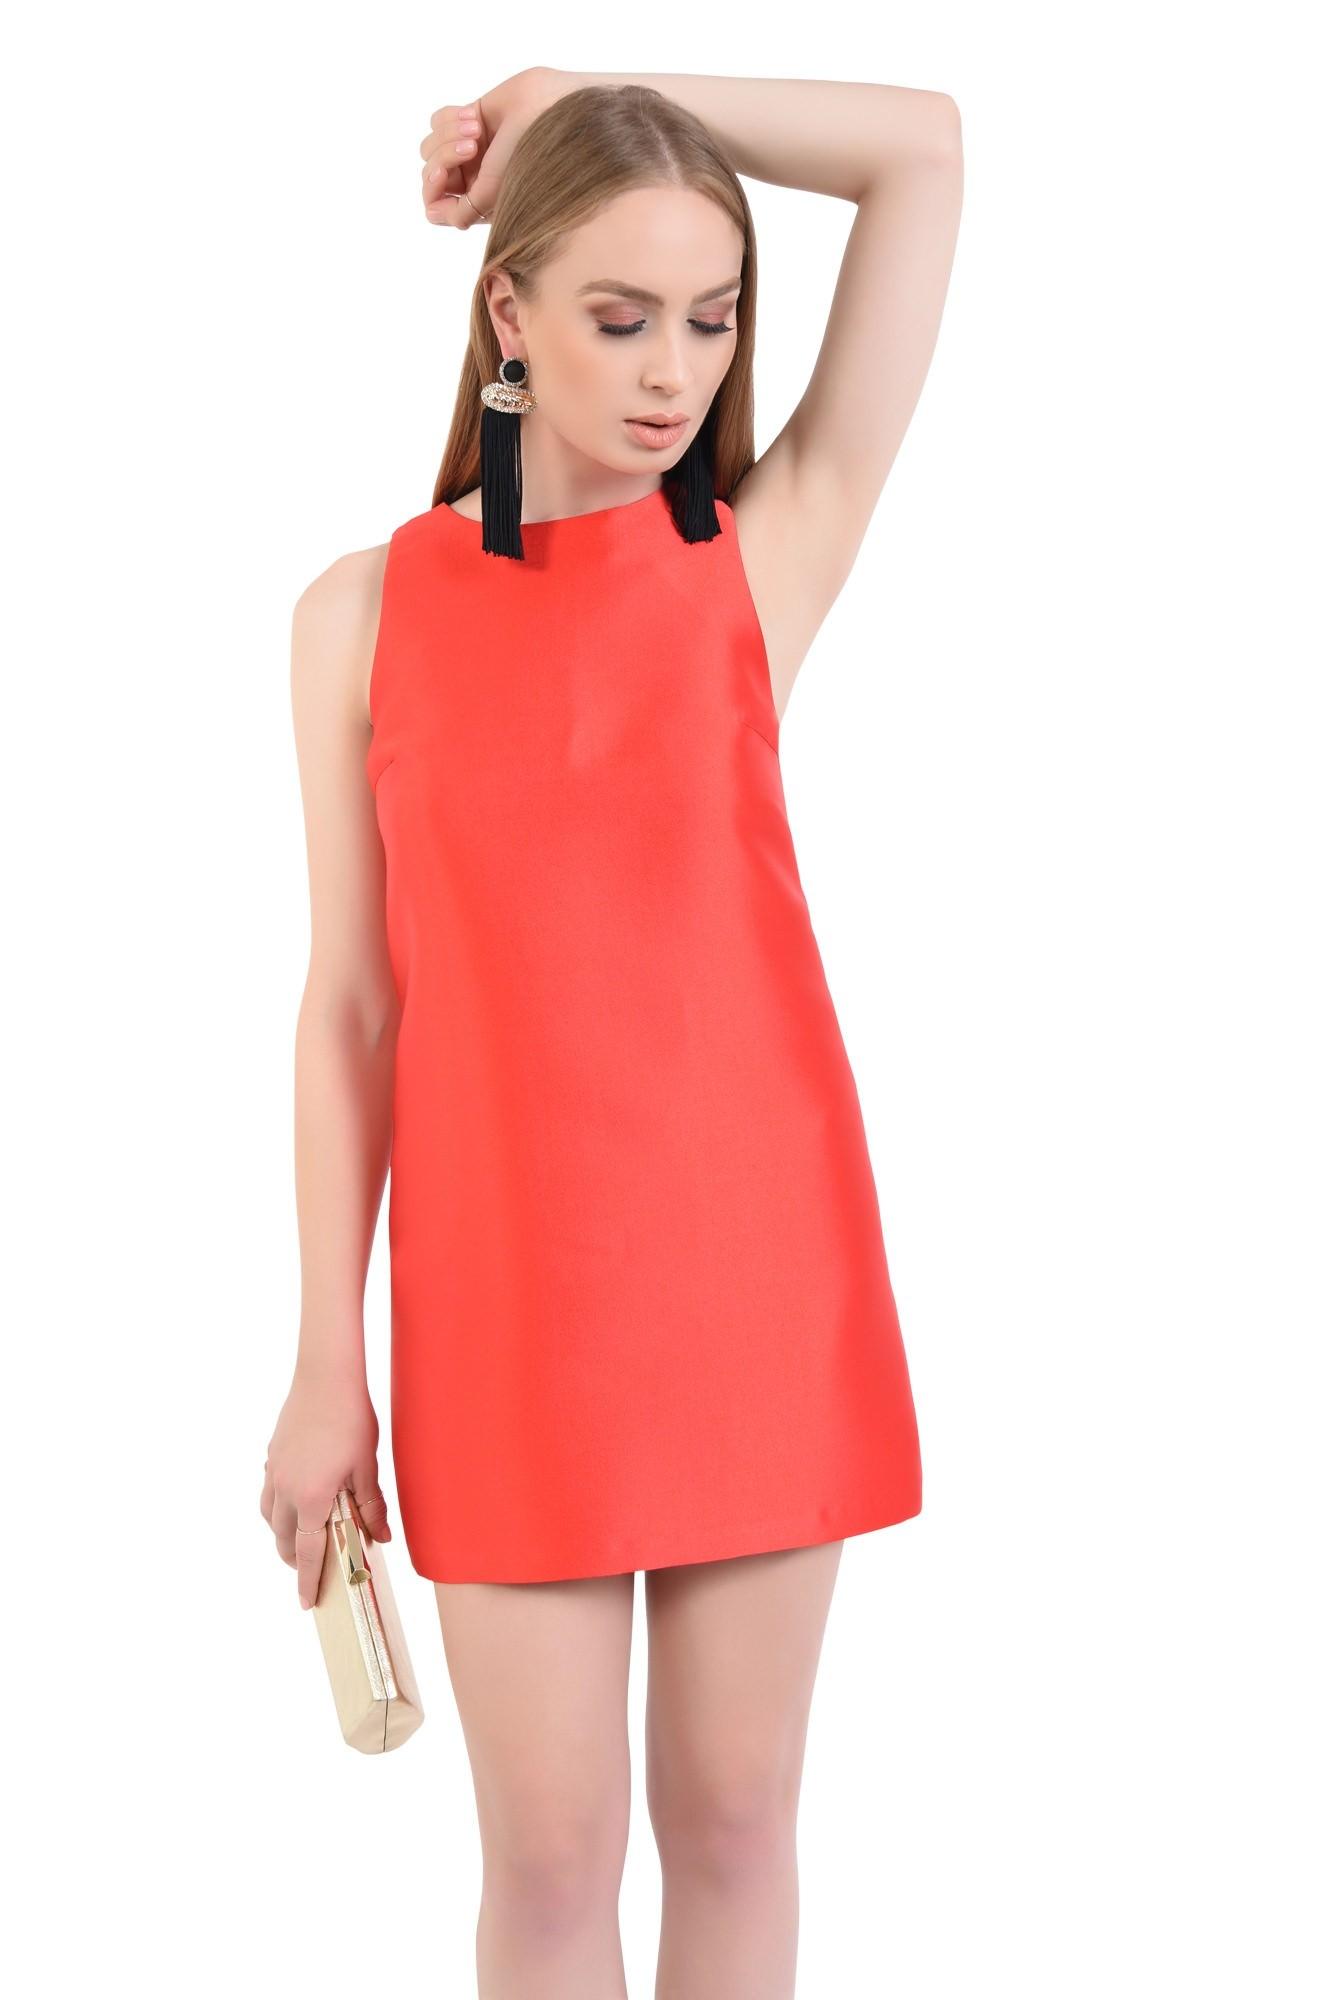 0 - rochie eleganta, scurta, tafta, rosie